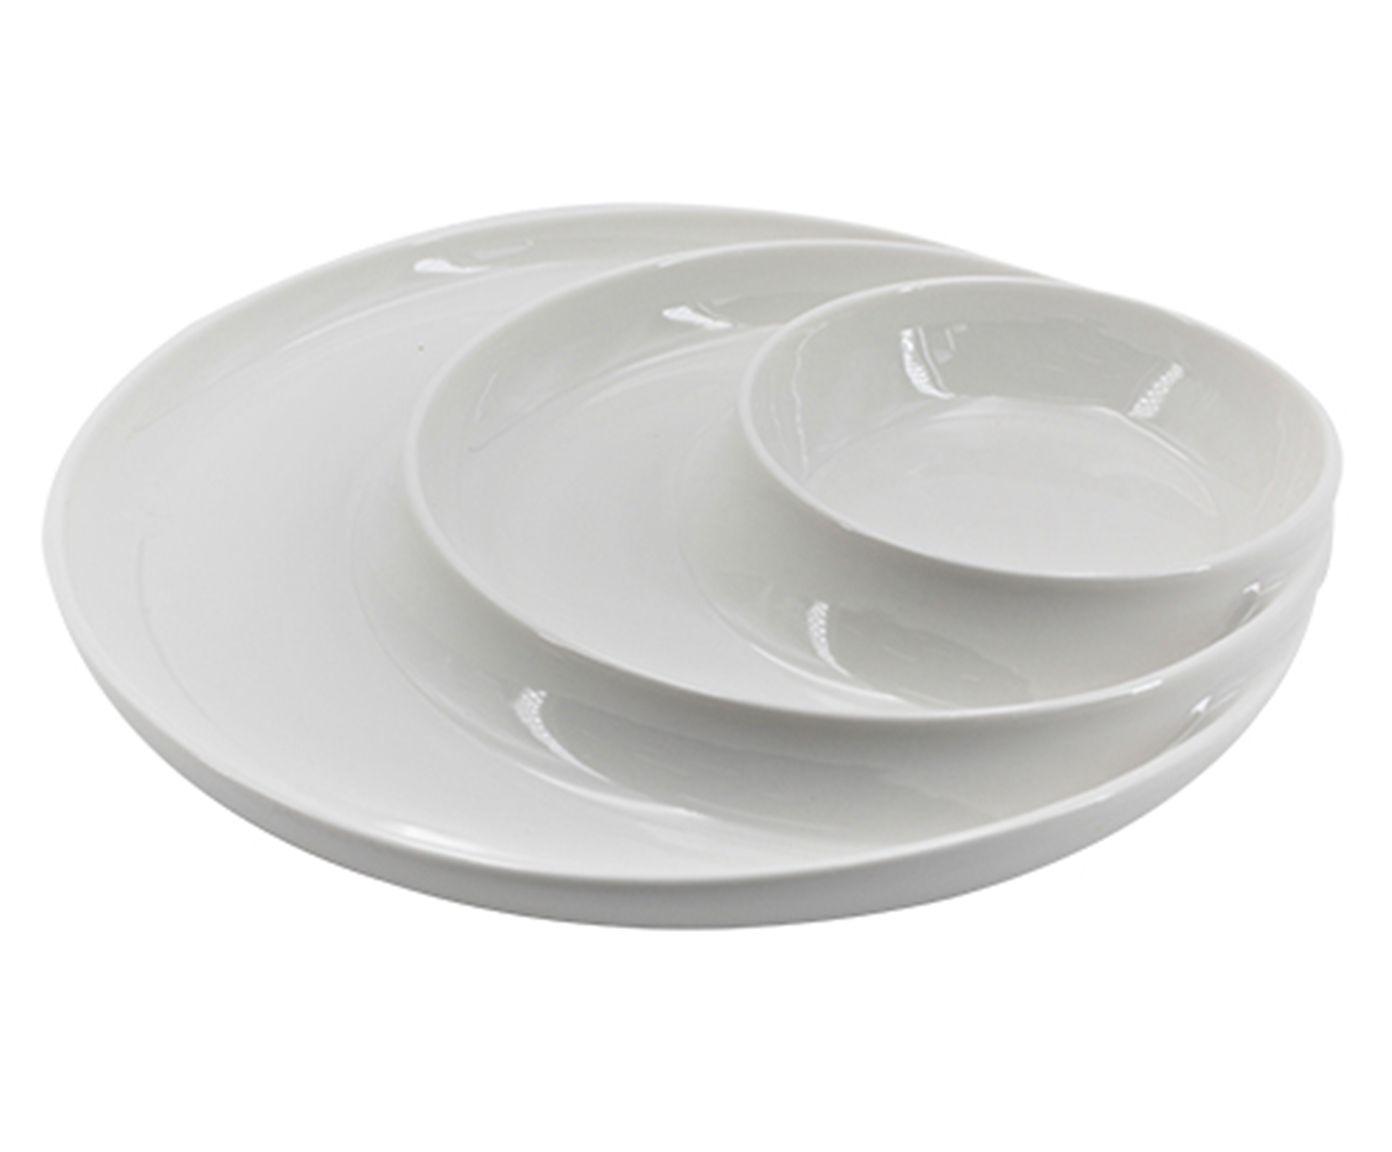 Petisqueira em Porcelana Borani - 25,9cm | Westwing.com.br